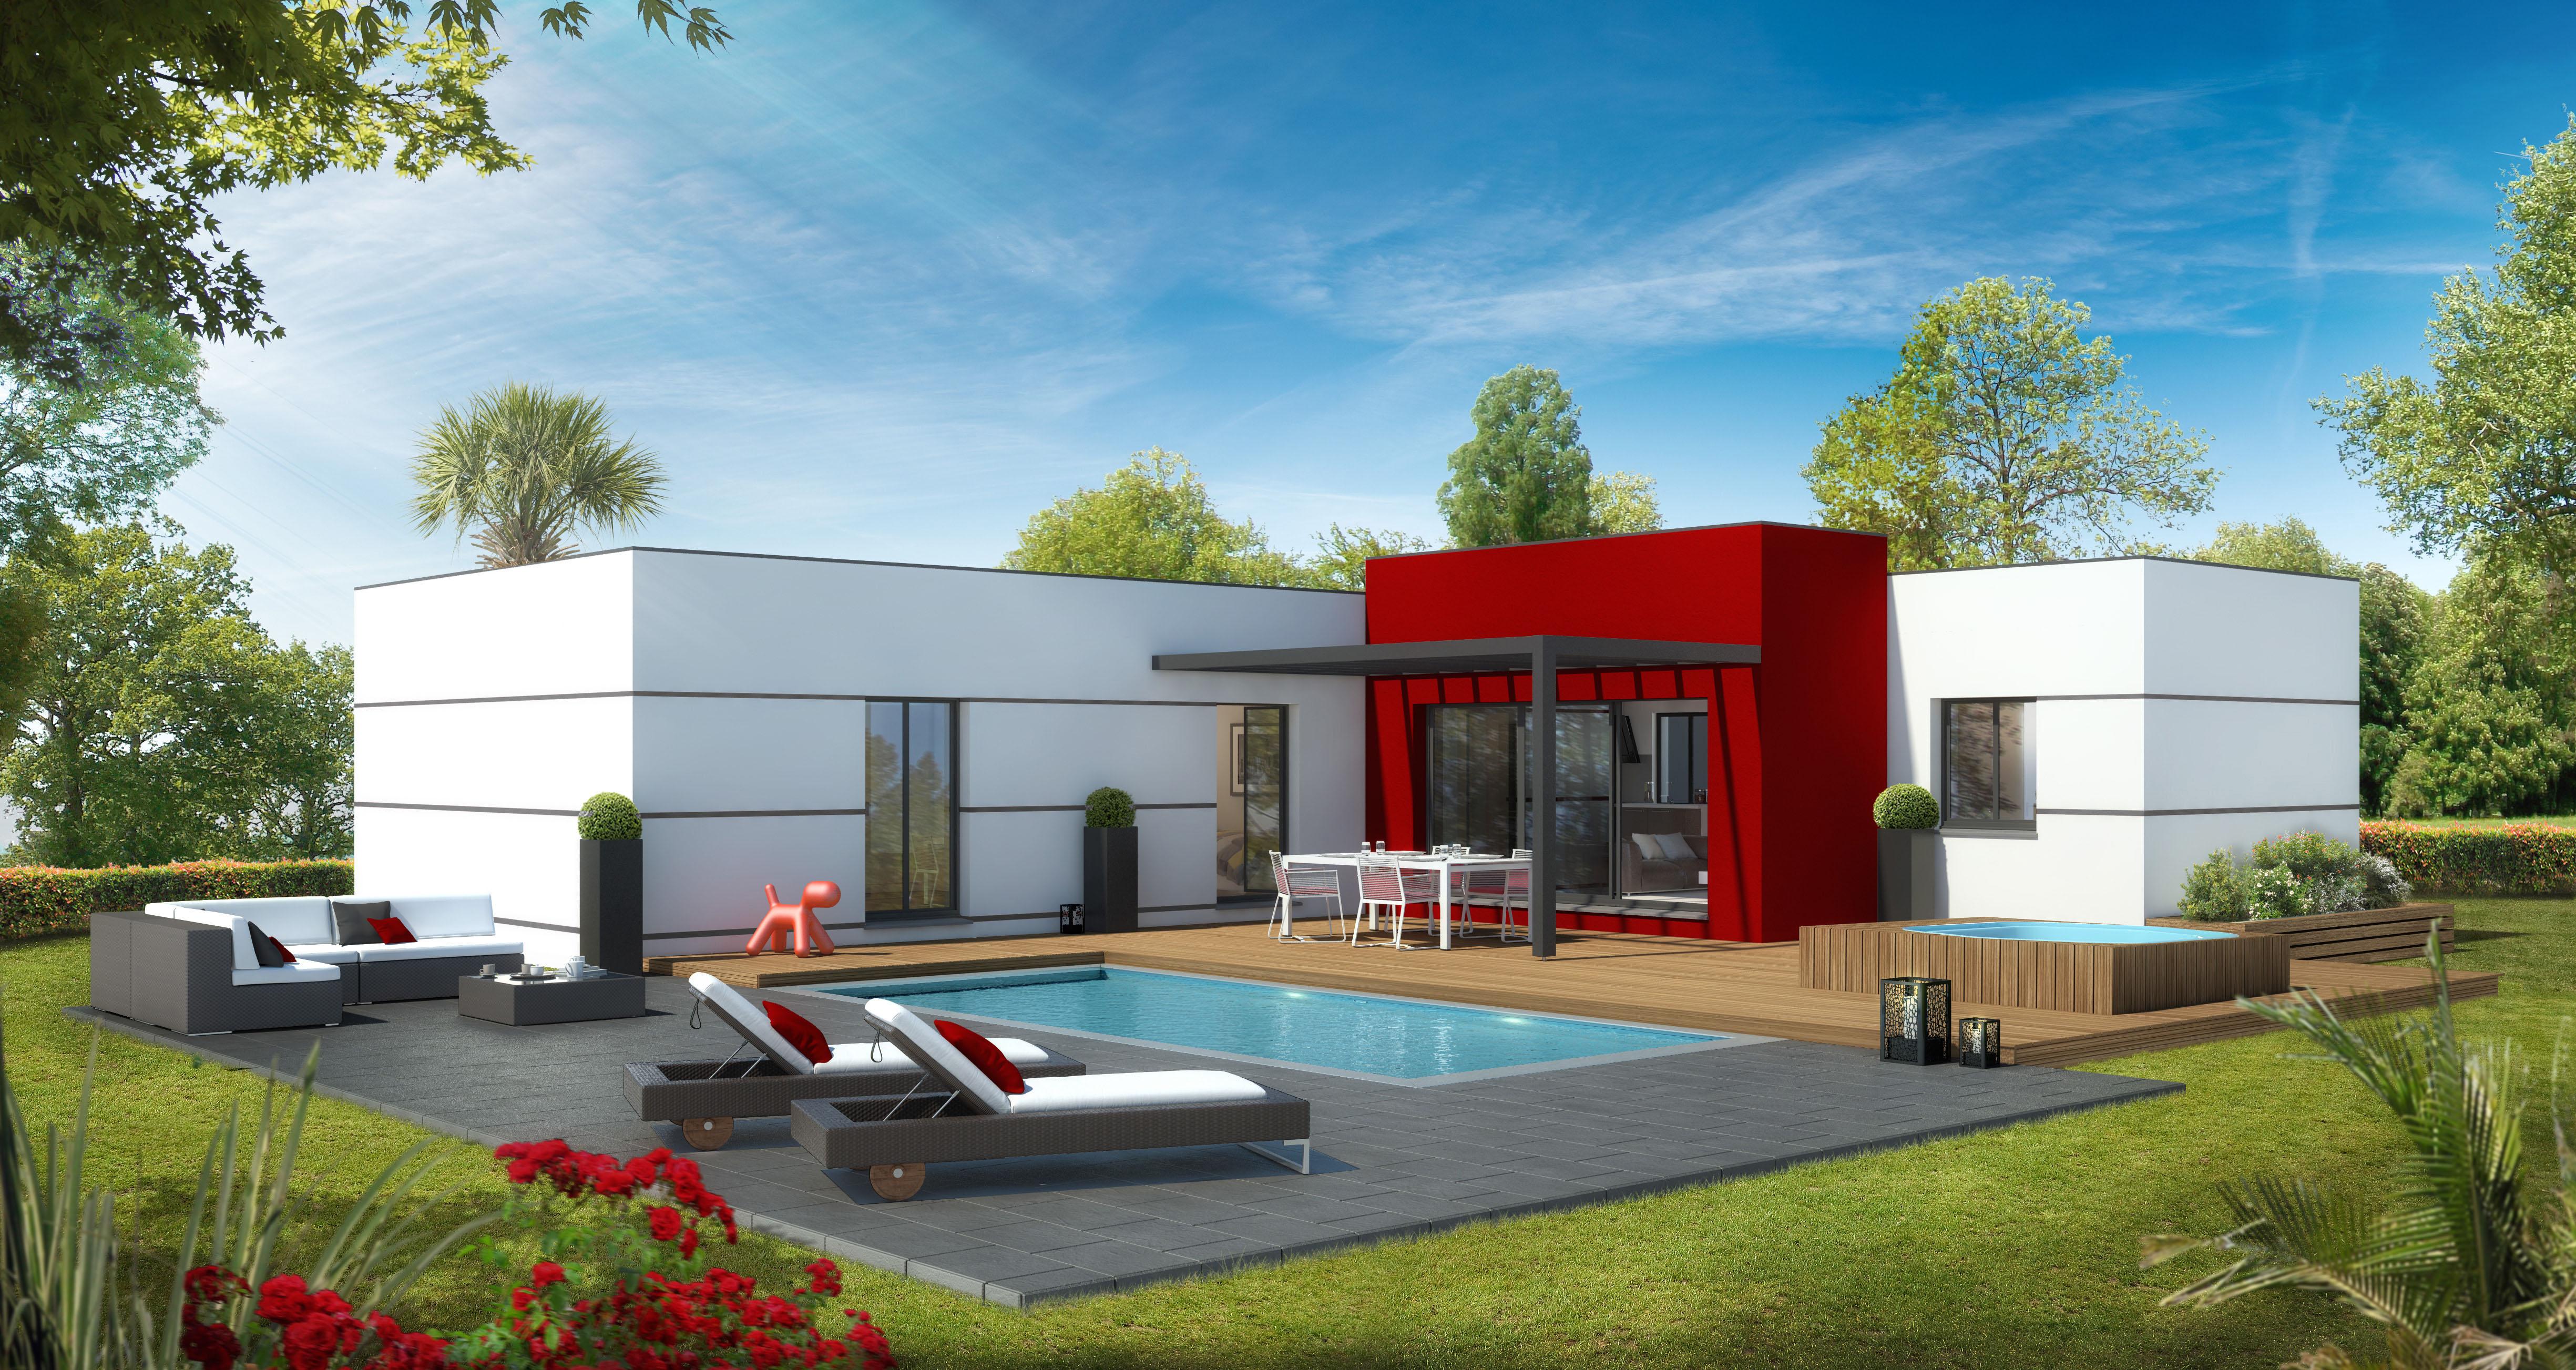 Maisons + Terrains du constructeur VILLAS SUD CREATION • 130 m² • LE FAUGA